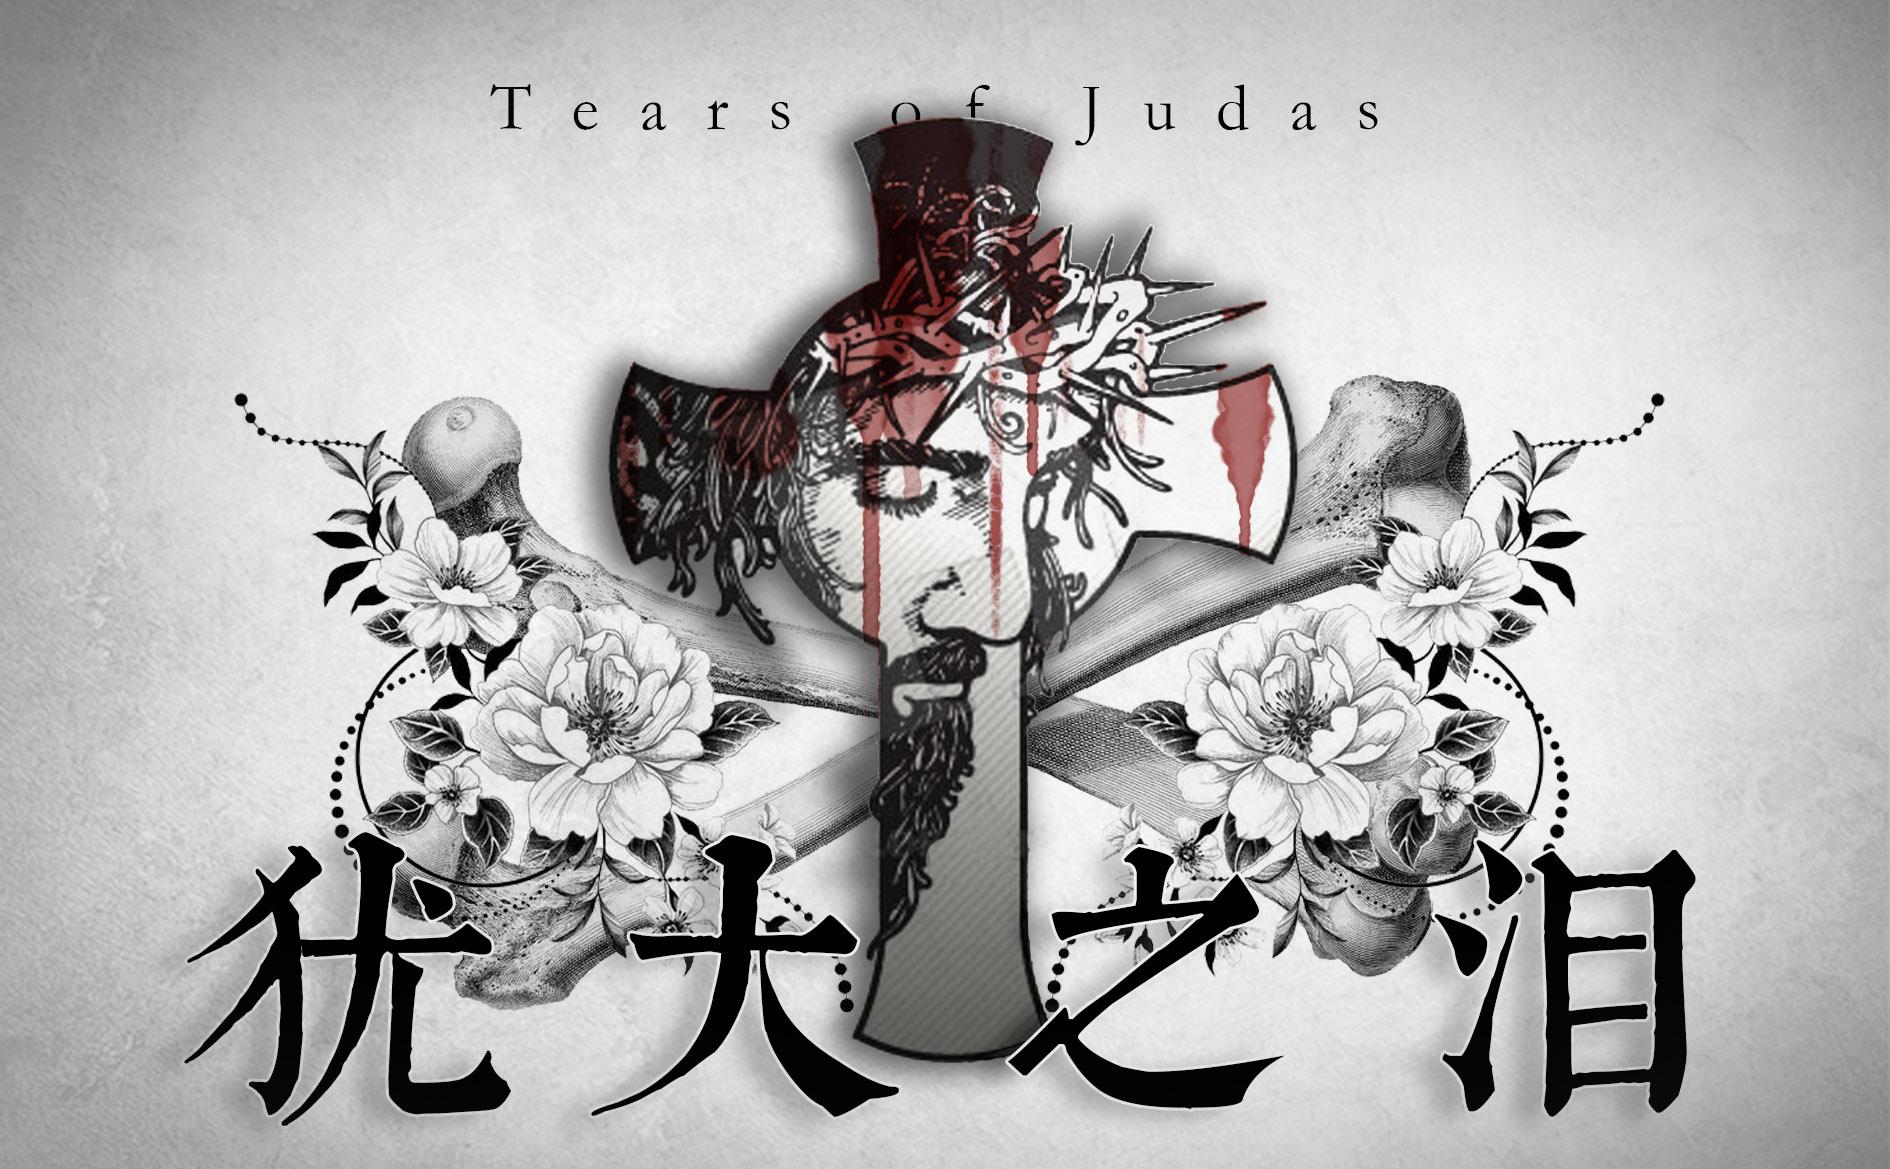 《犹大之泪》剧本杀资料_故事背景_角色简介_玩家点评_复盘解析